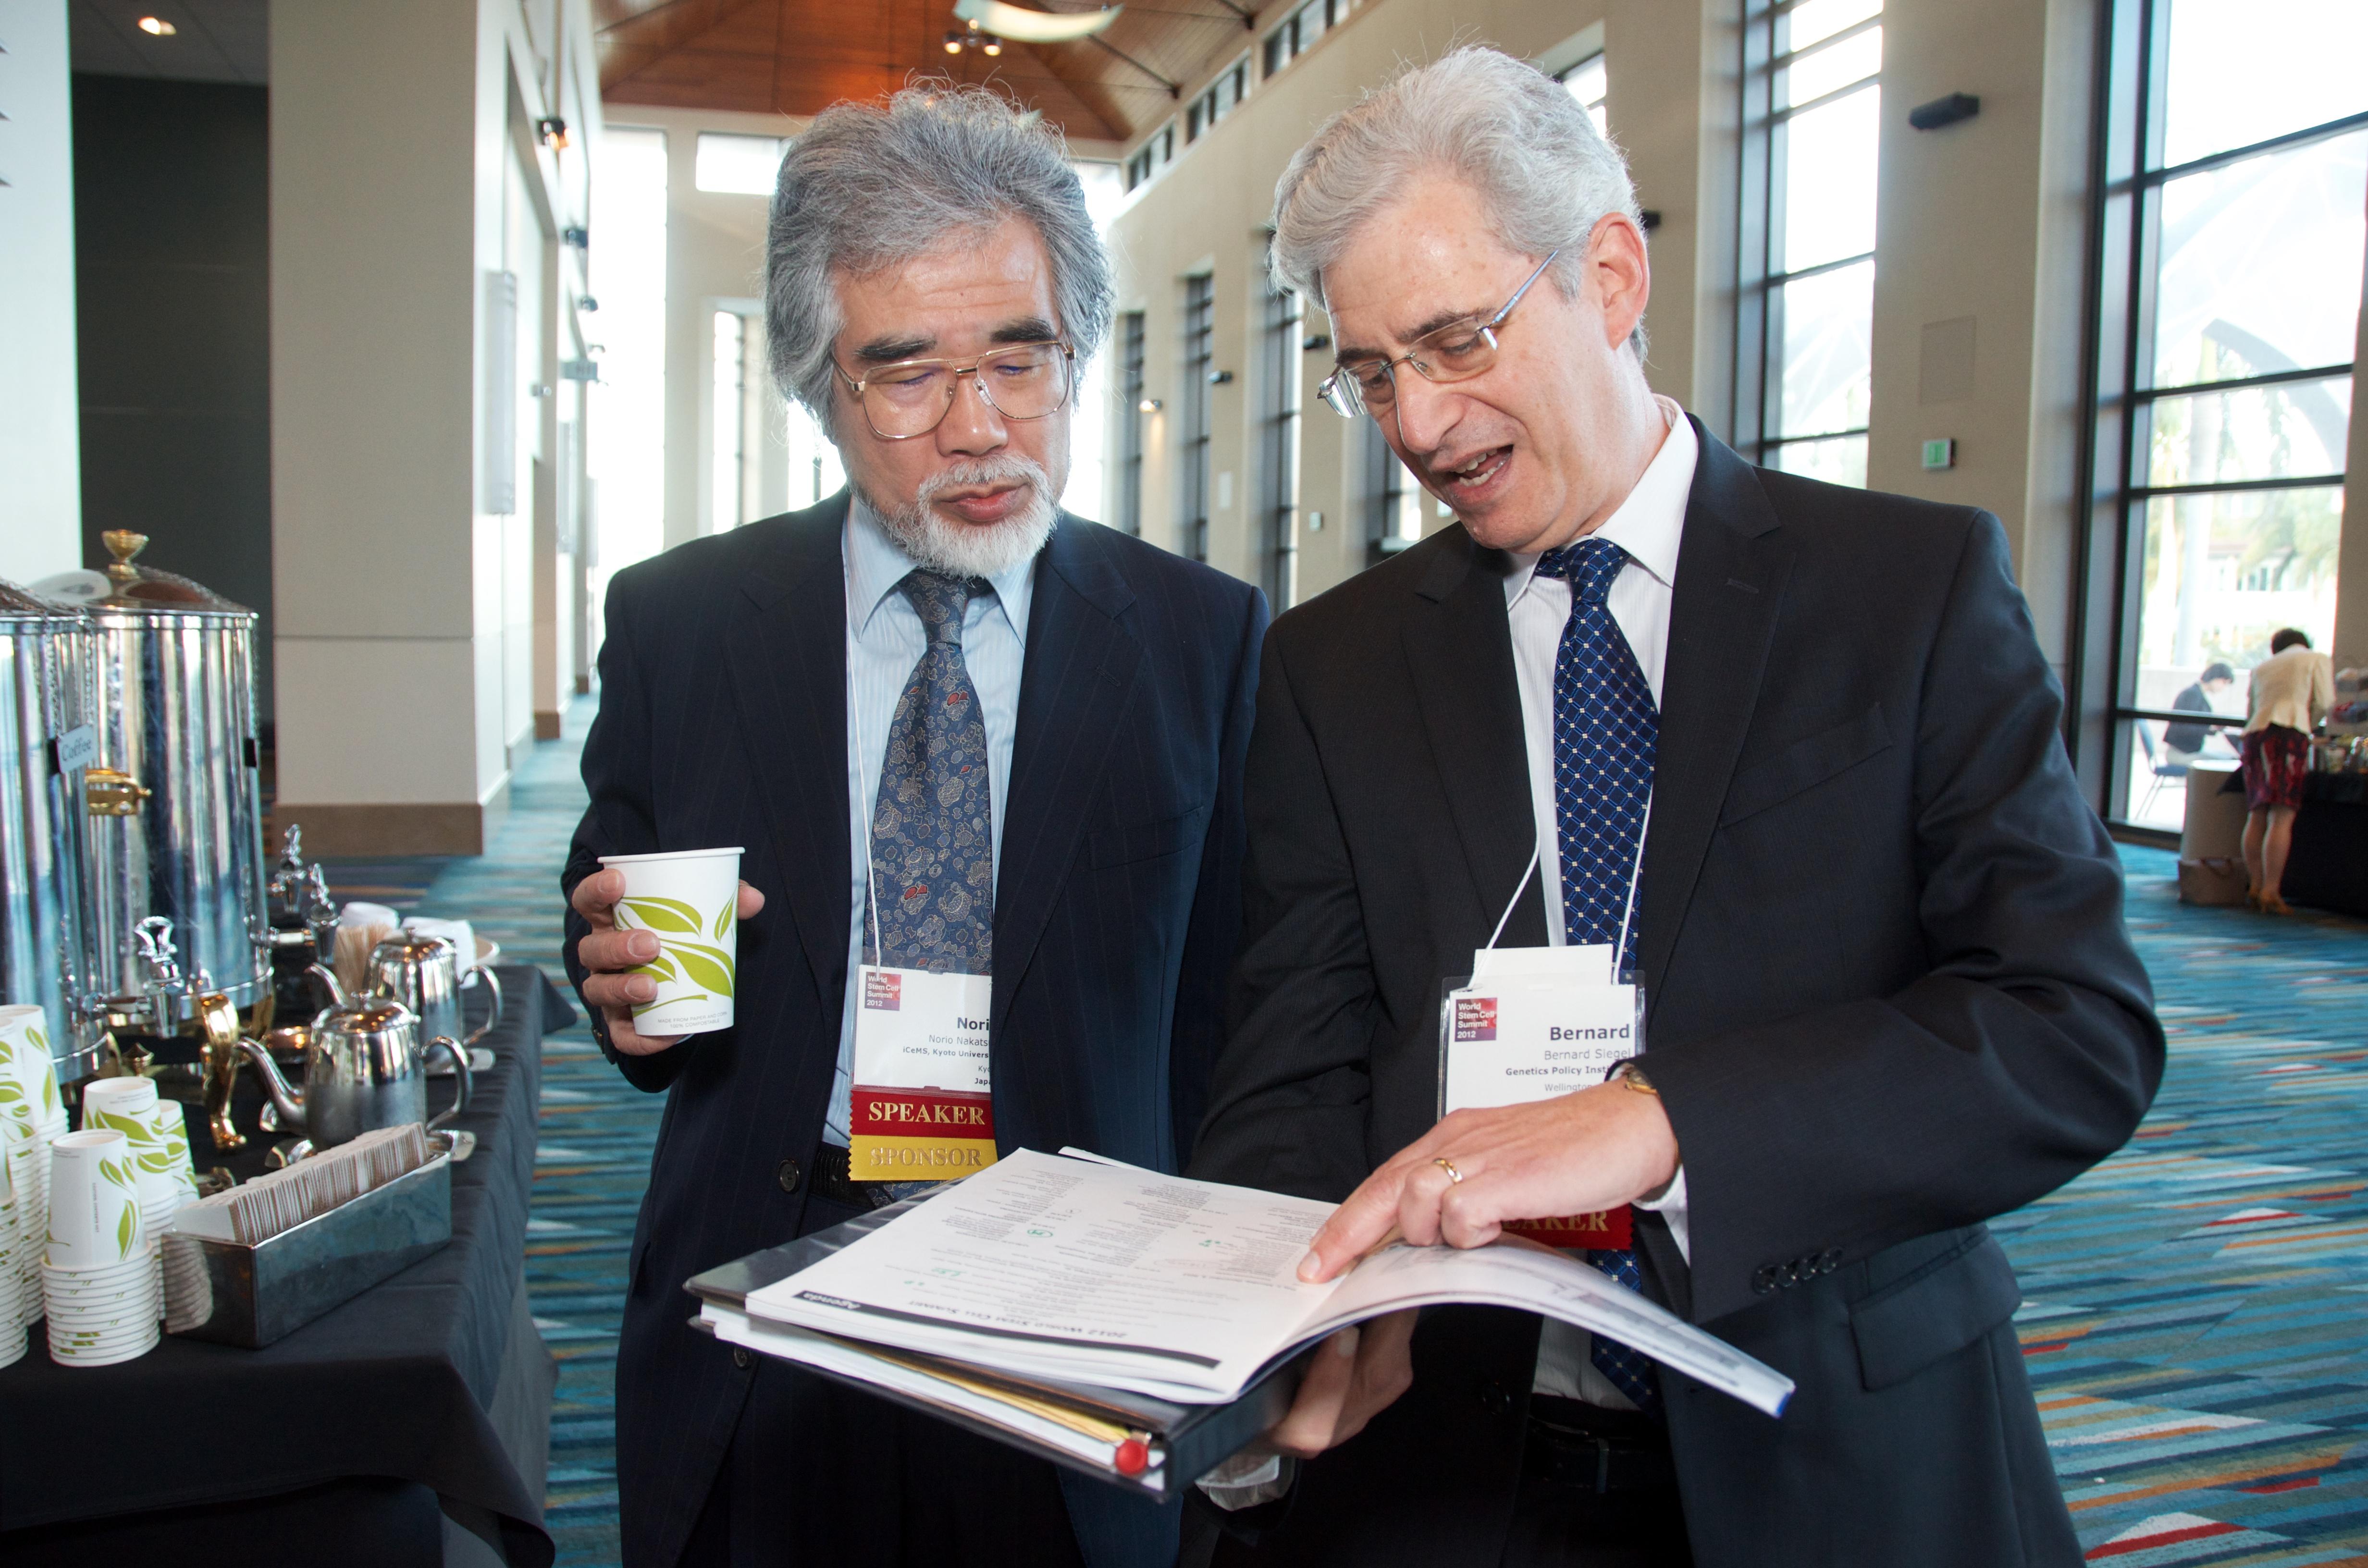 Bernard Siegel to Deliver Keynote Addresses at Regional Science Meetings